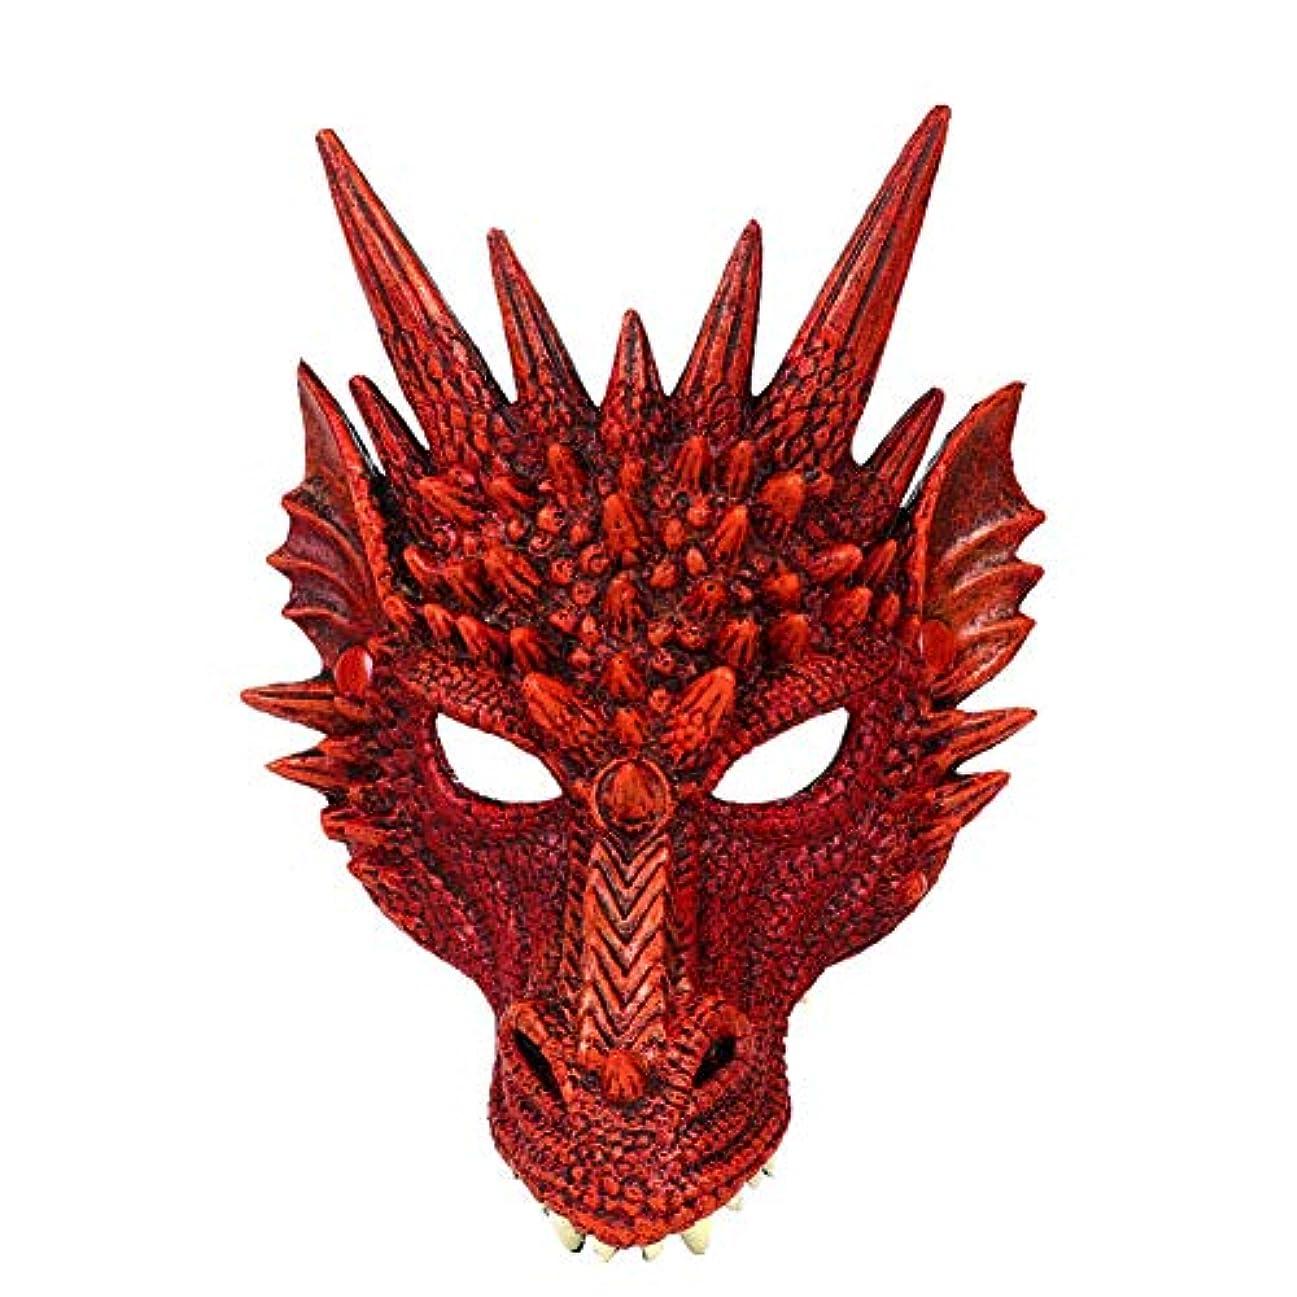 スクリーチ農業の中でEsolom 4Dドラゴンマスク ハーフマスク 10代の子供のためのハロウィンコスチューム パーティーの装飾 テーマパーティー用品 ドラゴンコスプレ小道具